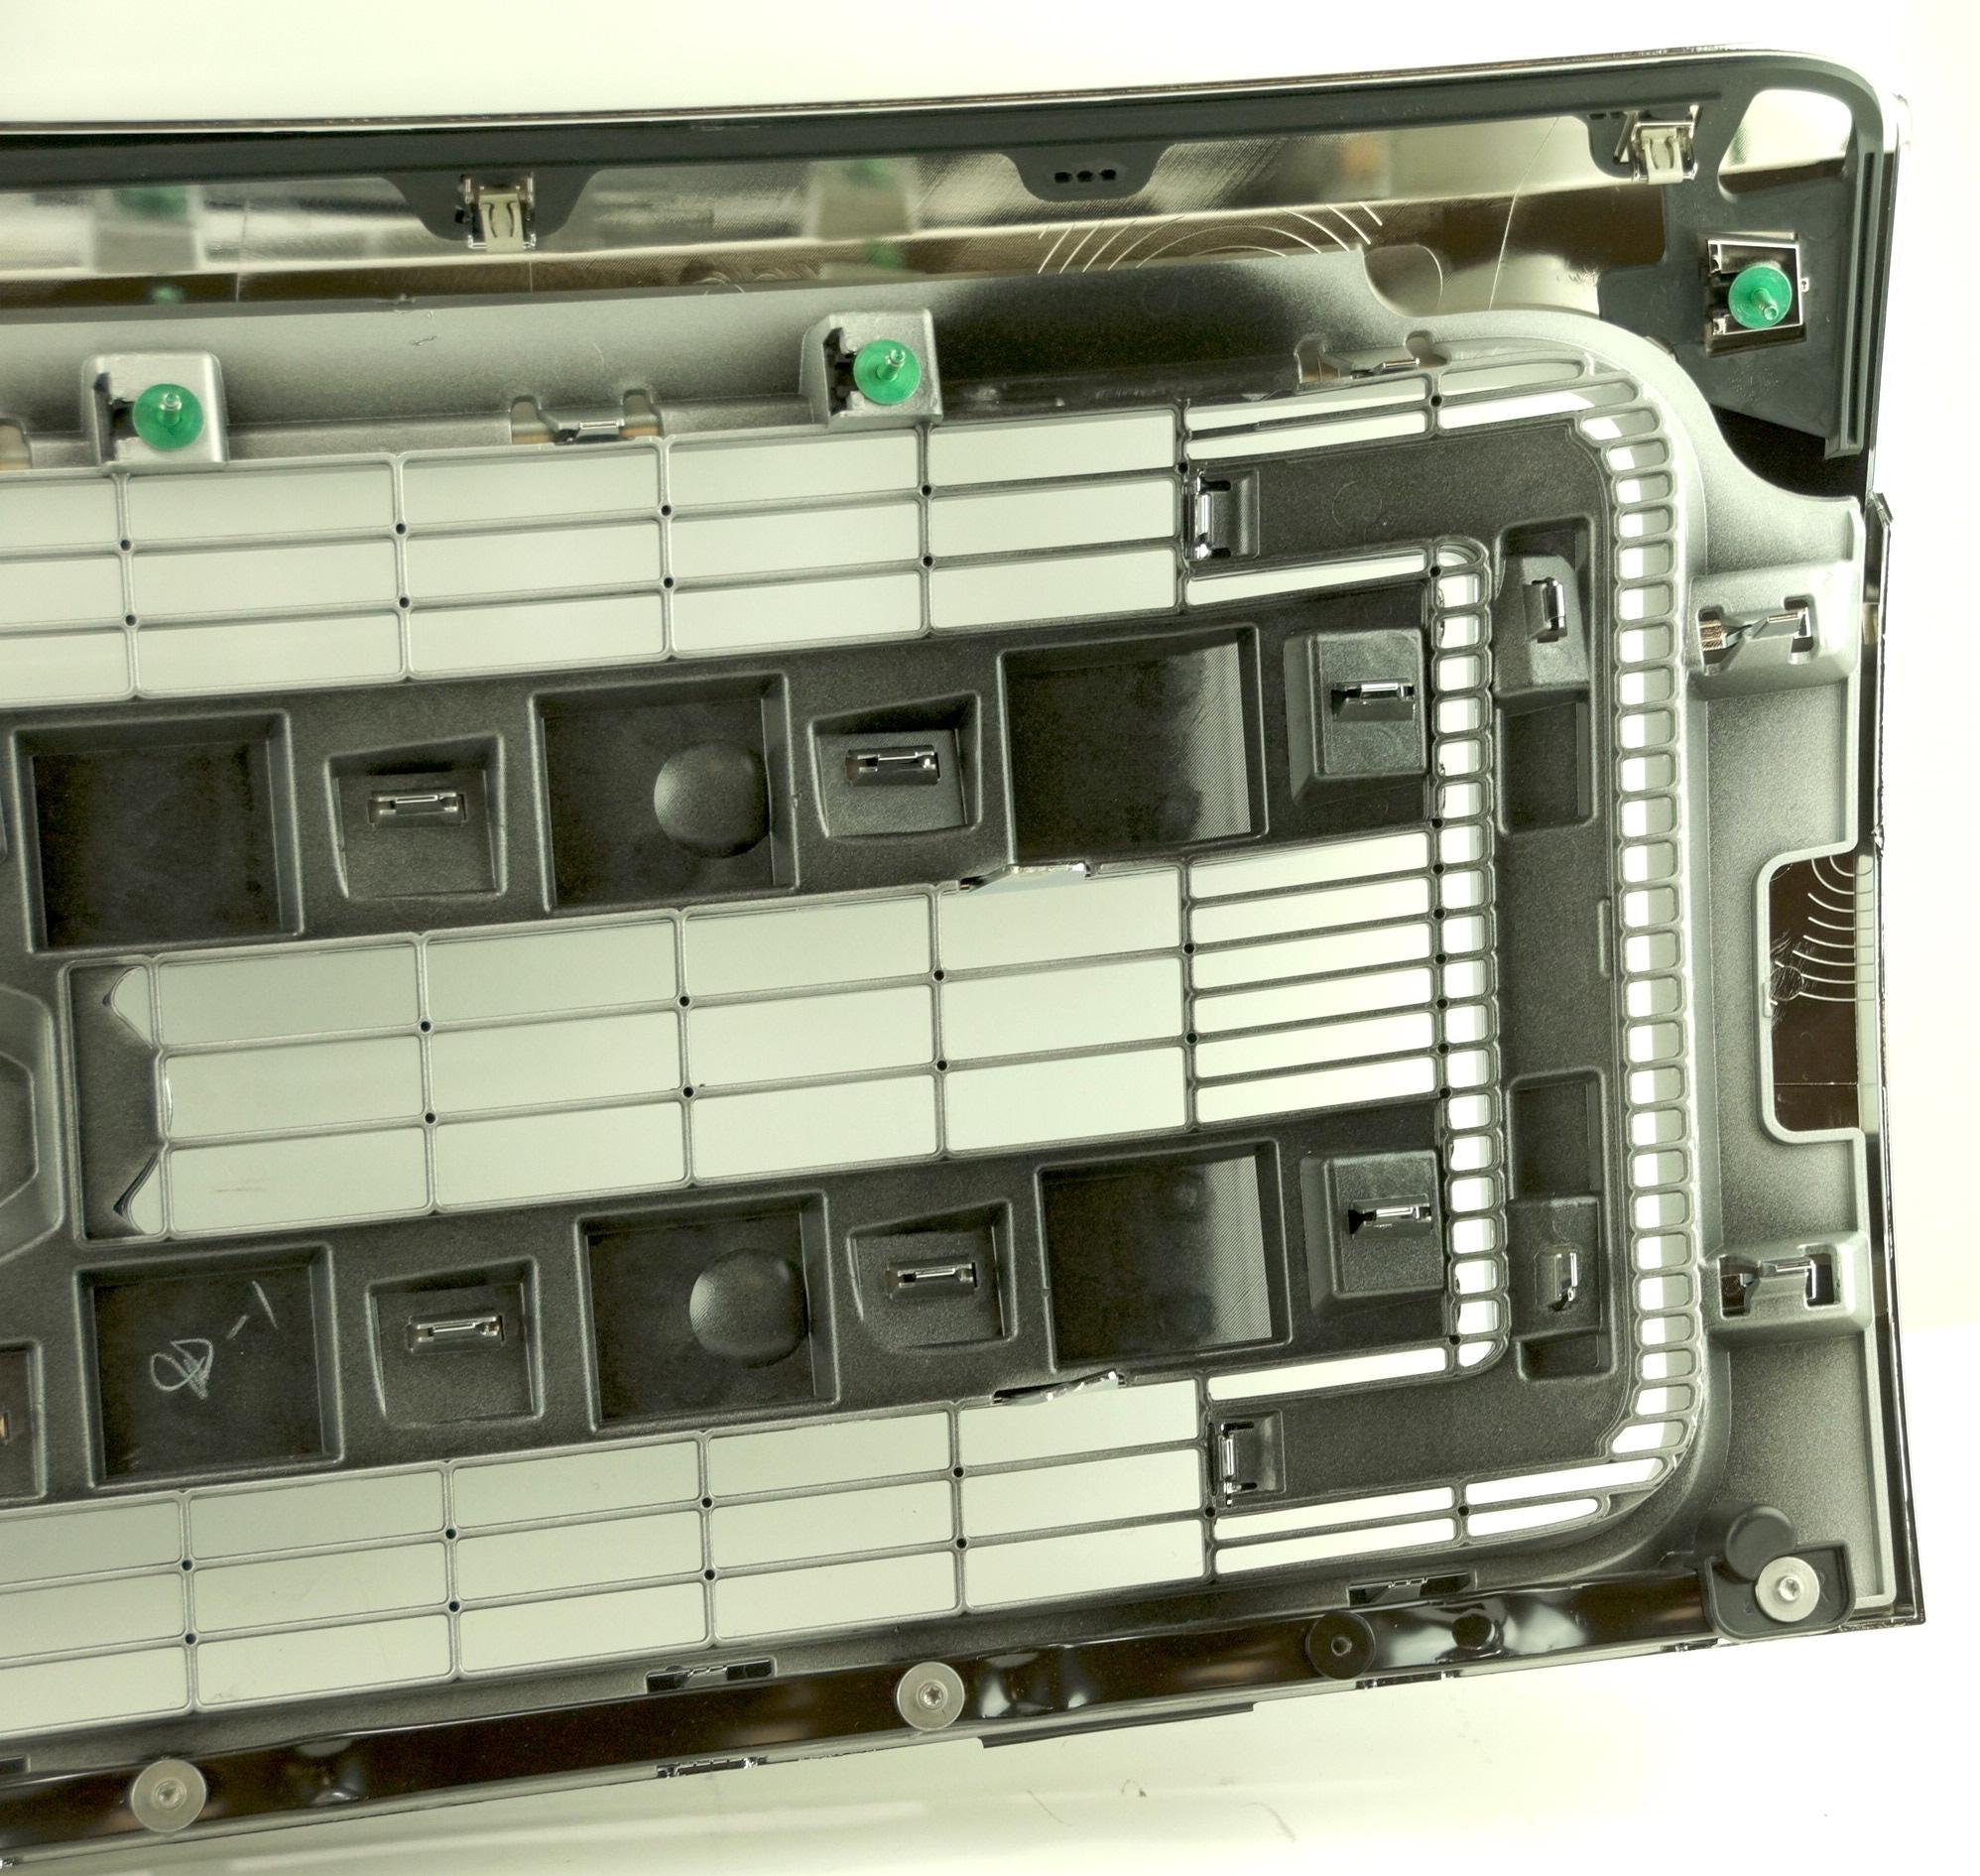 New Genuine OEM DL3Z8200BA Ford Front Grille Assembly w/ Emblem 09-14 F-150 XLT - image 11